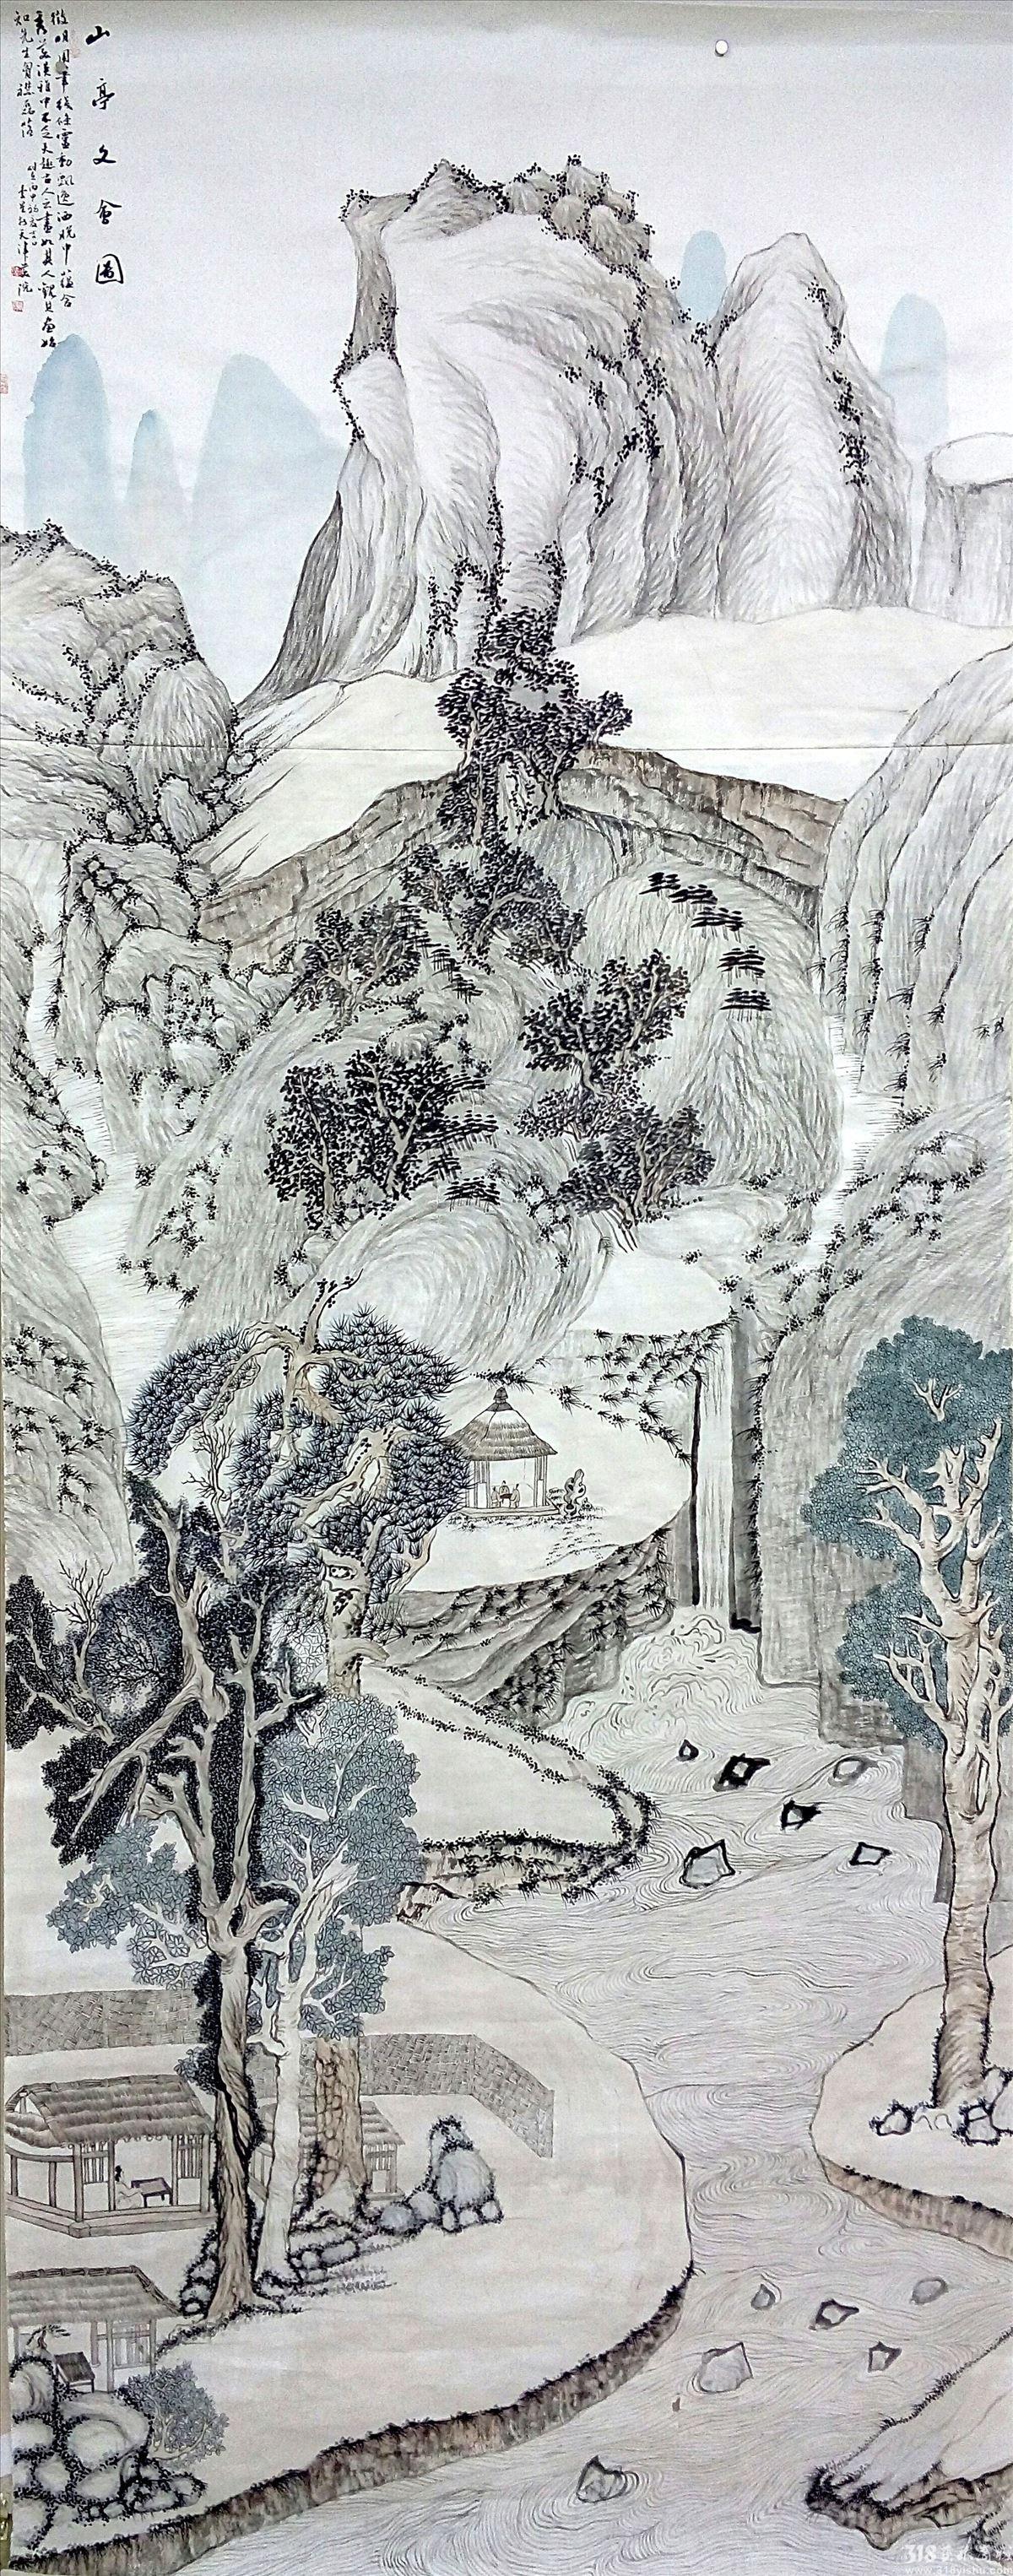 李星_山亭文会图_国画_318艺术商城_首家学院原创艺术